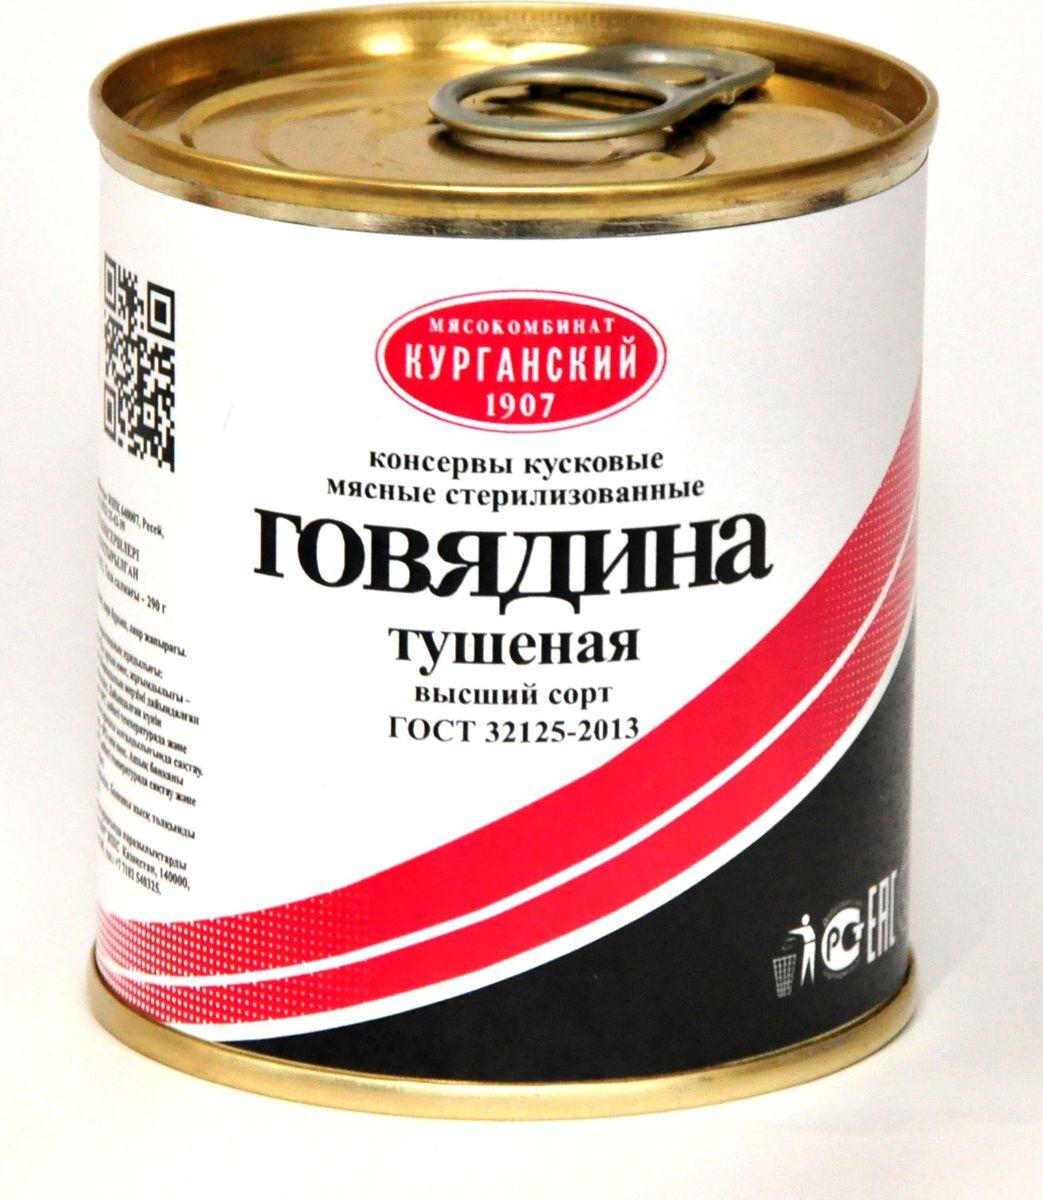 Курганский Стандарт Говядина тушеная стандарт высший сорт, 338 г троицкий консервный комбинат говядина тушеная 338 г